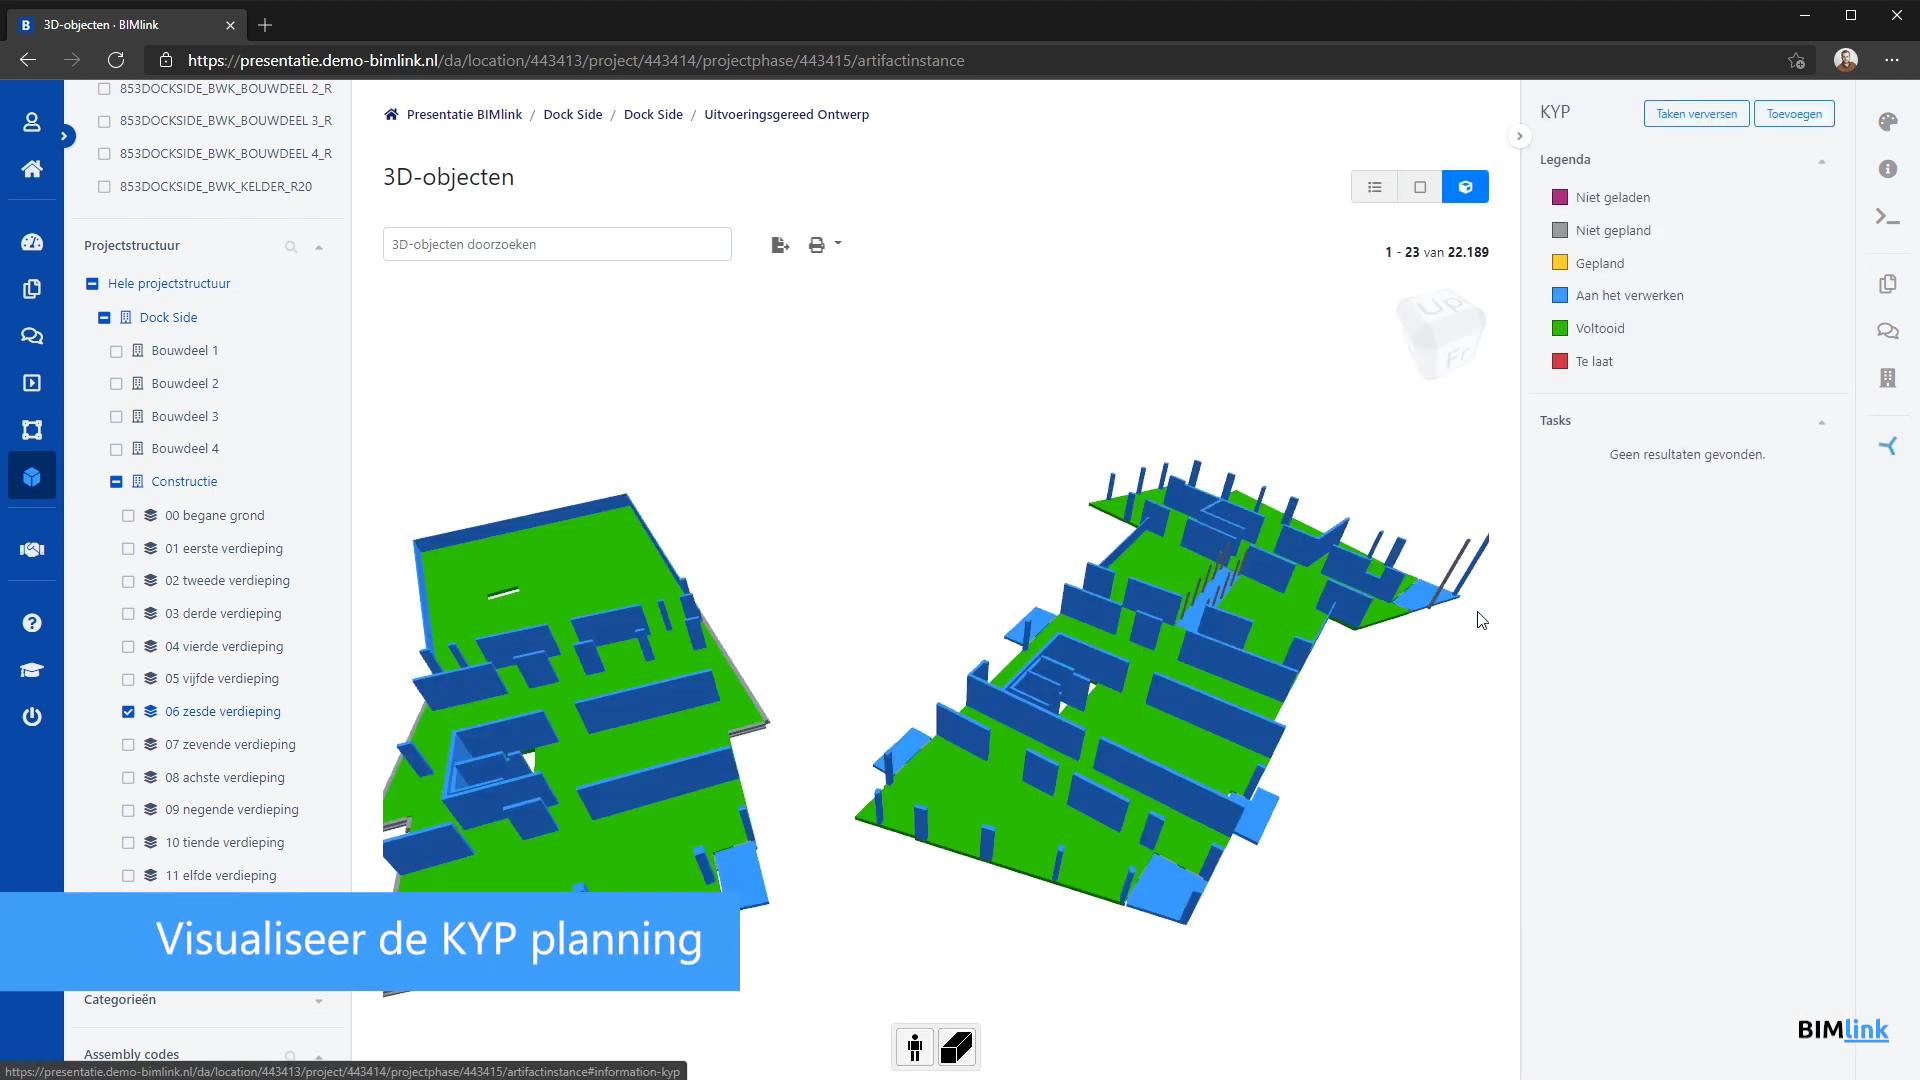 BIMlink en KYP Project maken planning zichtbaar in BIM-model met API-koppeling